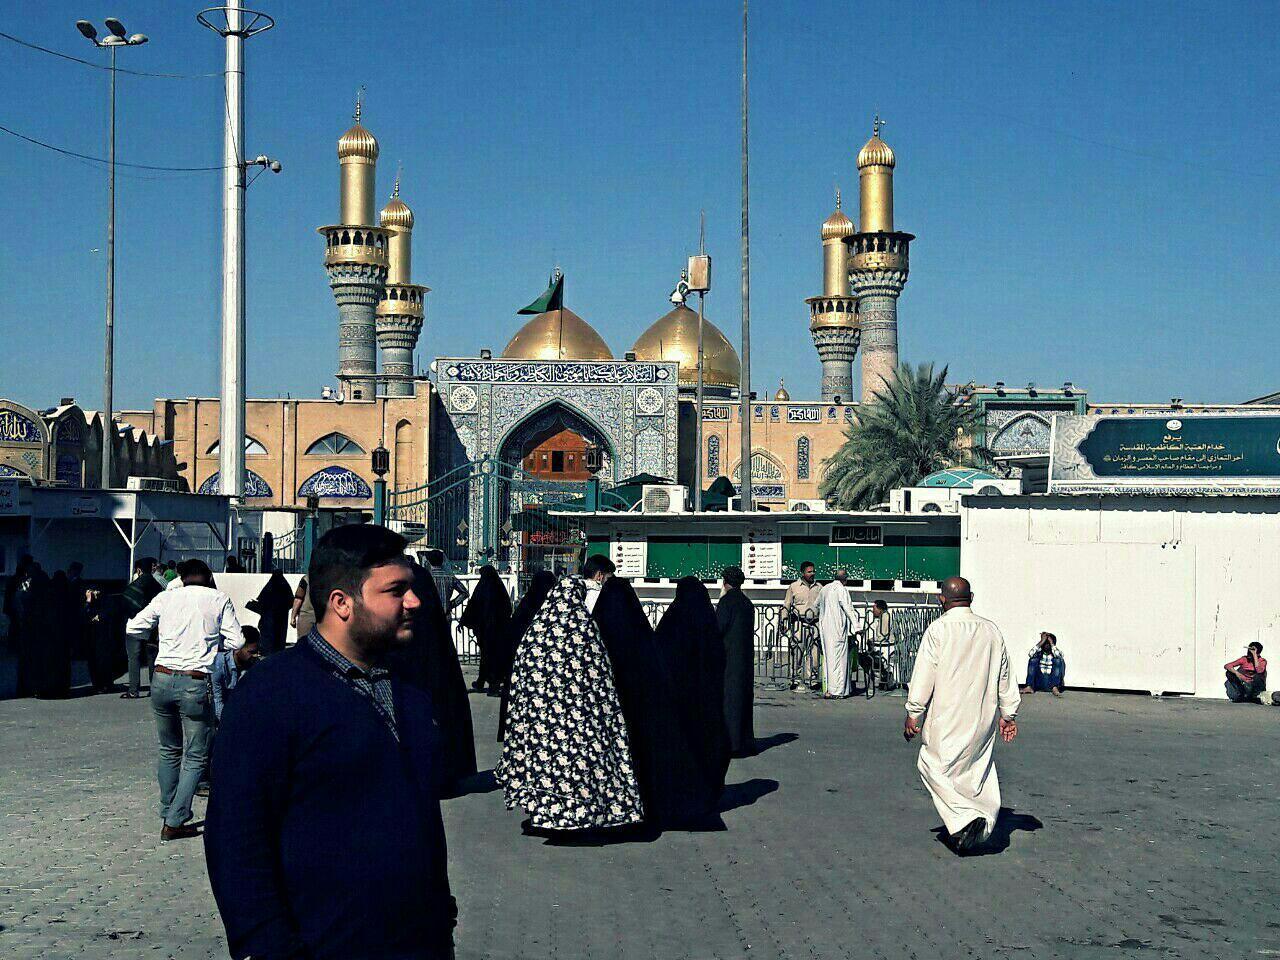 عکس های زیبا و ناب از حرم امام موسی کاظم (ع)